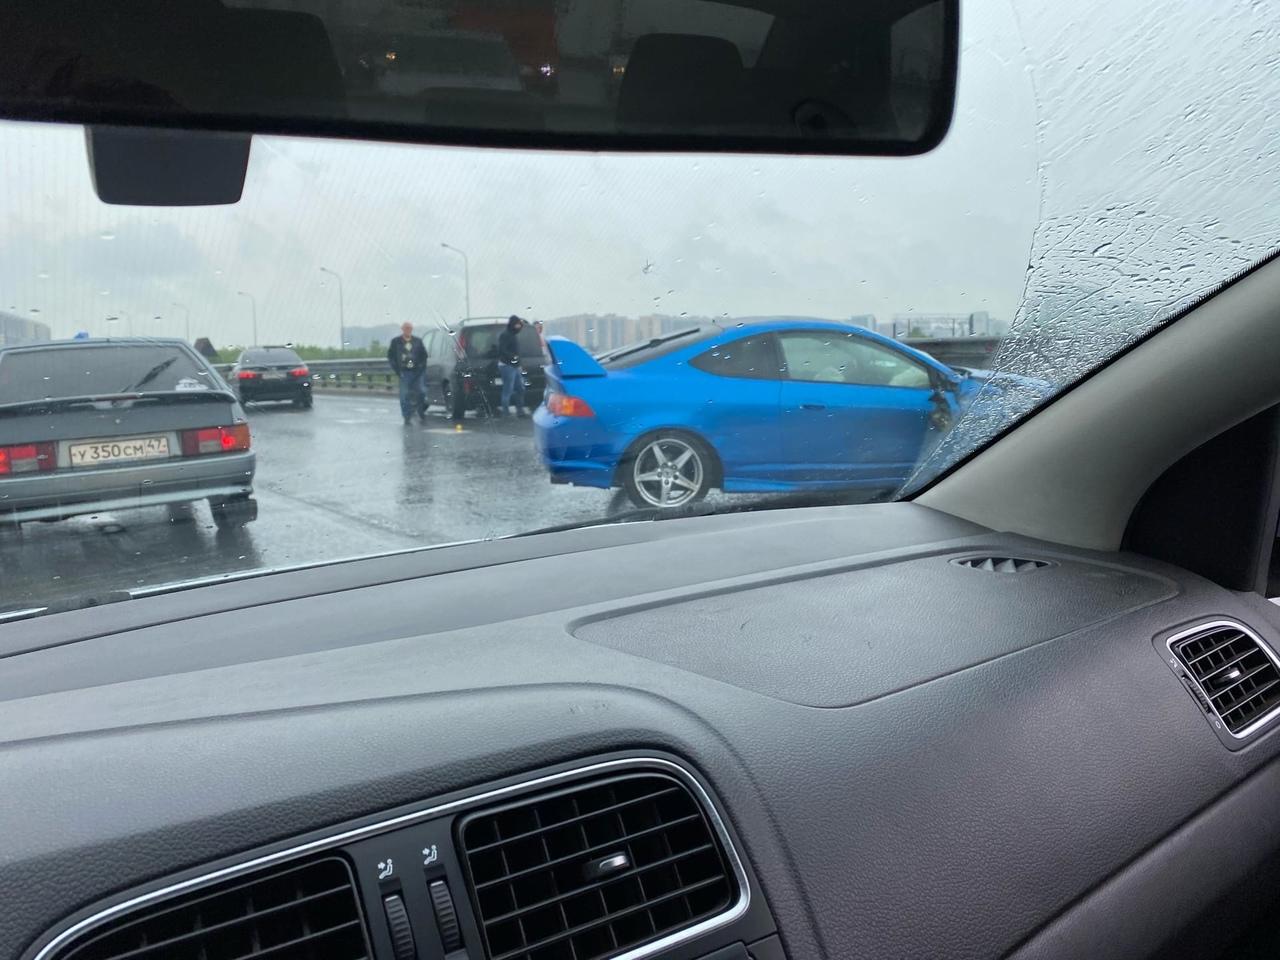 Спорткар разбили на КАД в районе съезда на Пулковское шоссе